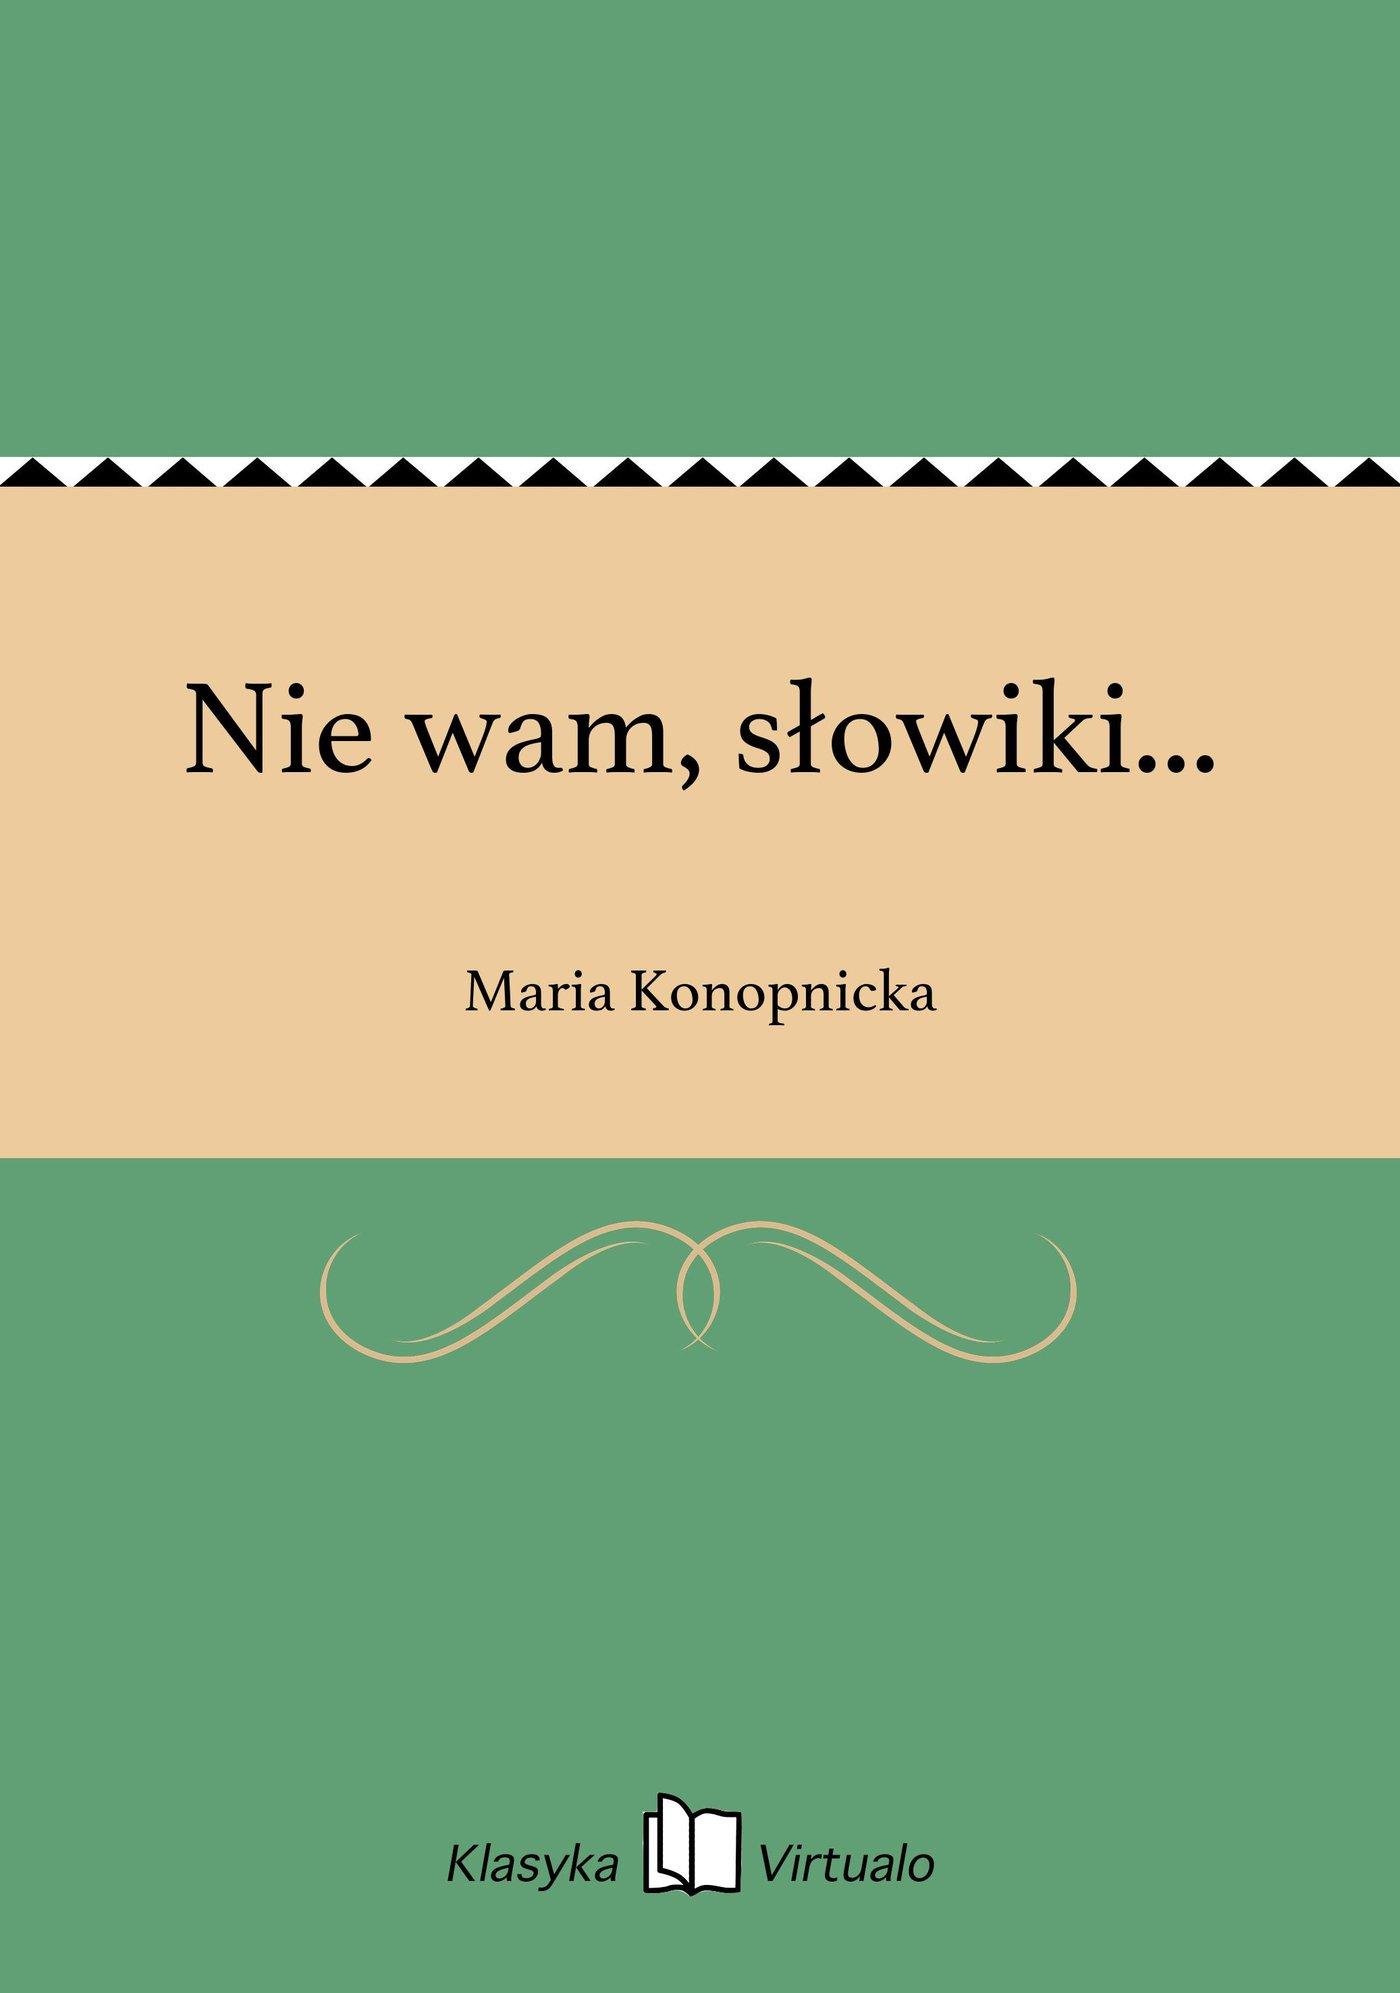 Nie wam, słowiki... - Ebook (Książka EPUB) do pobrania w formacie EPUB